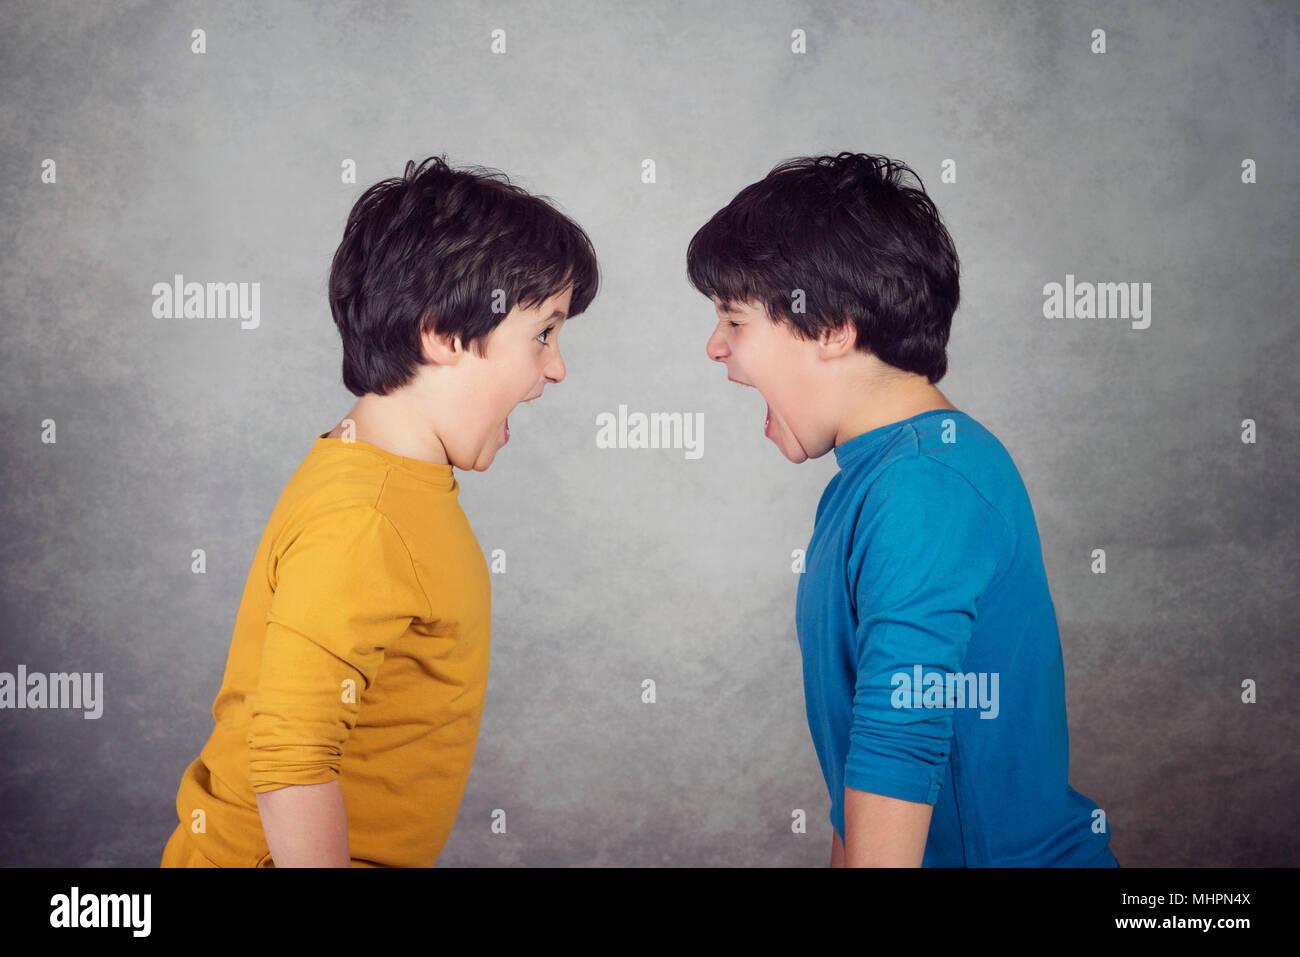 Les enfants en colère crier dessus sur fond gris en colère contre les enfants crier dessus sur fond gris Photo Stock